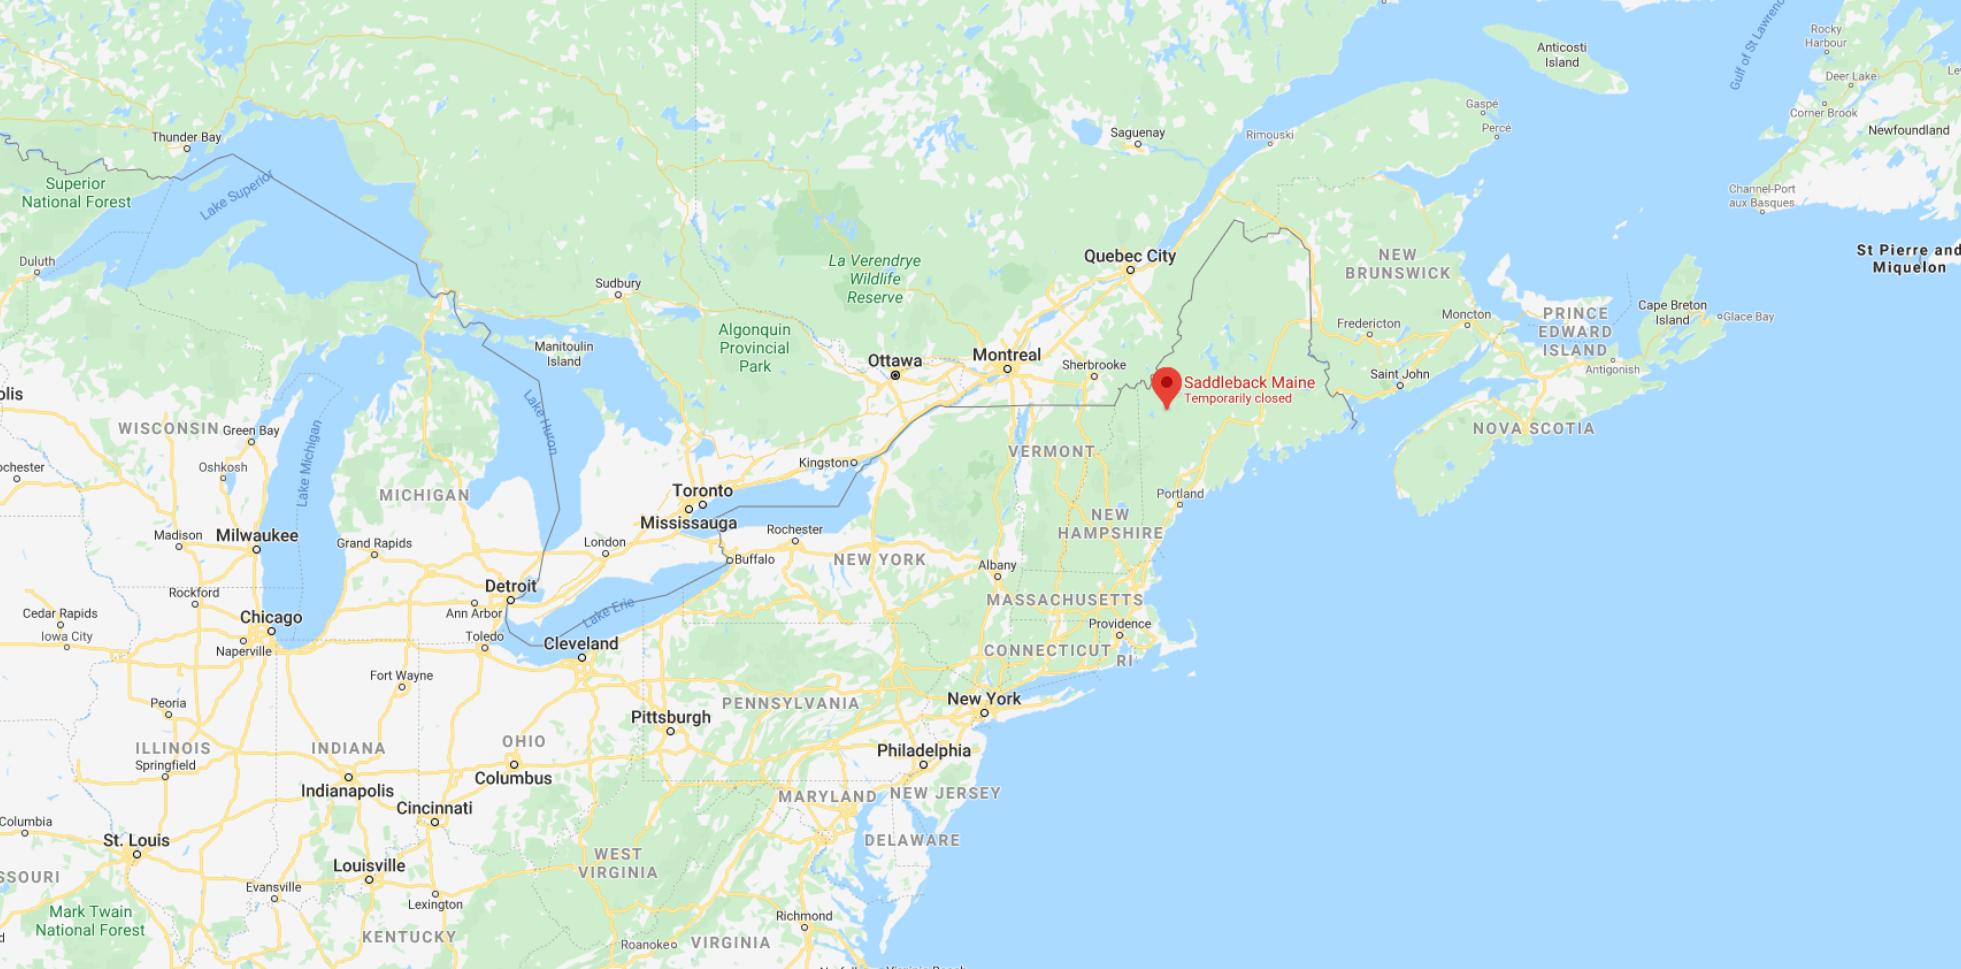 saddleback, Maine